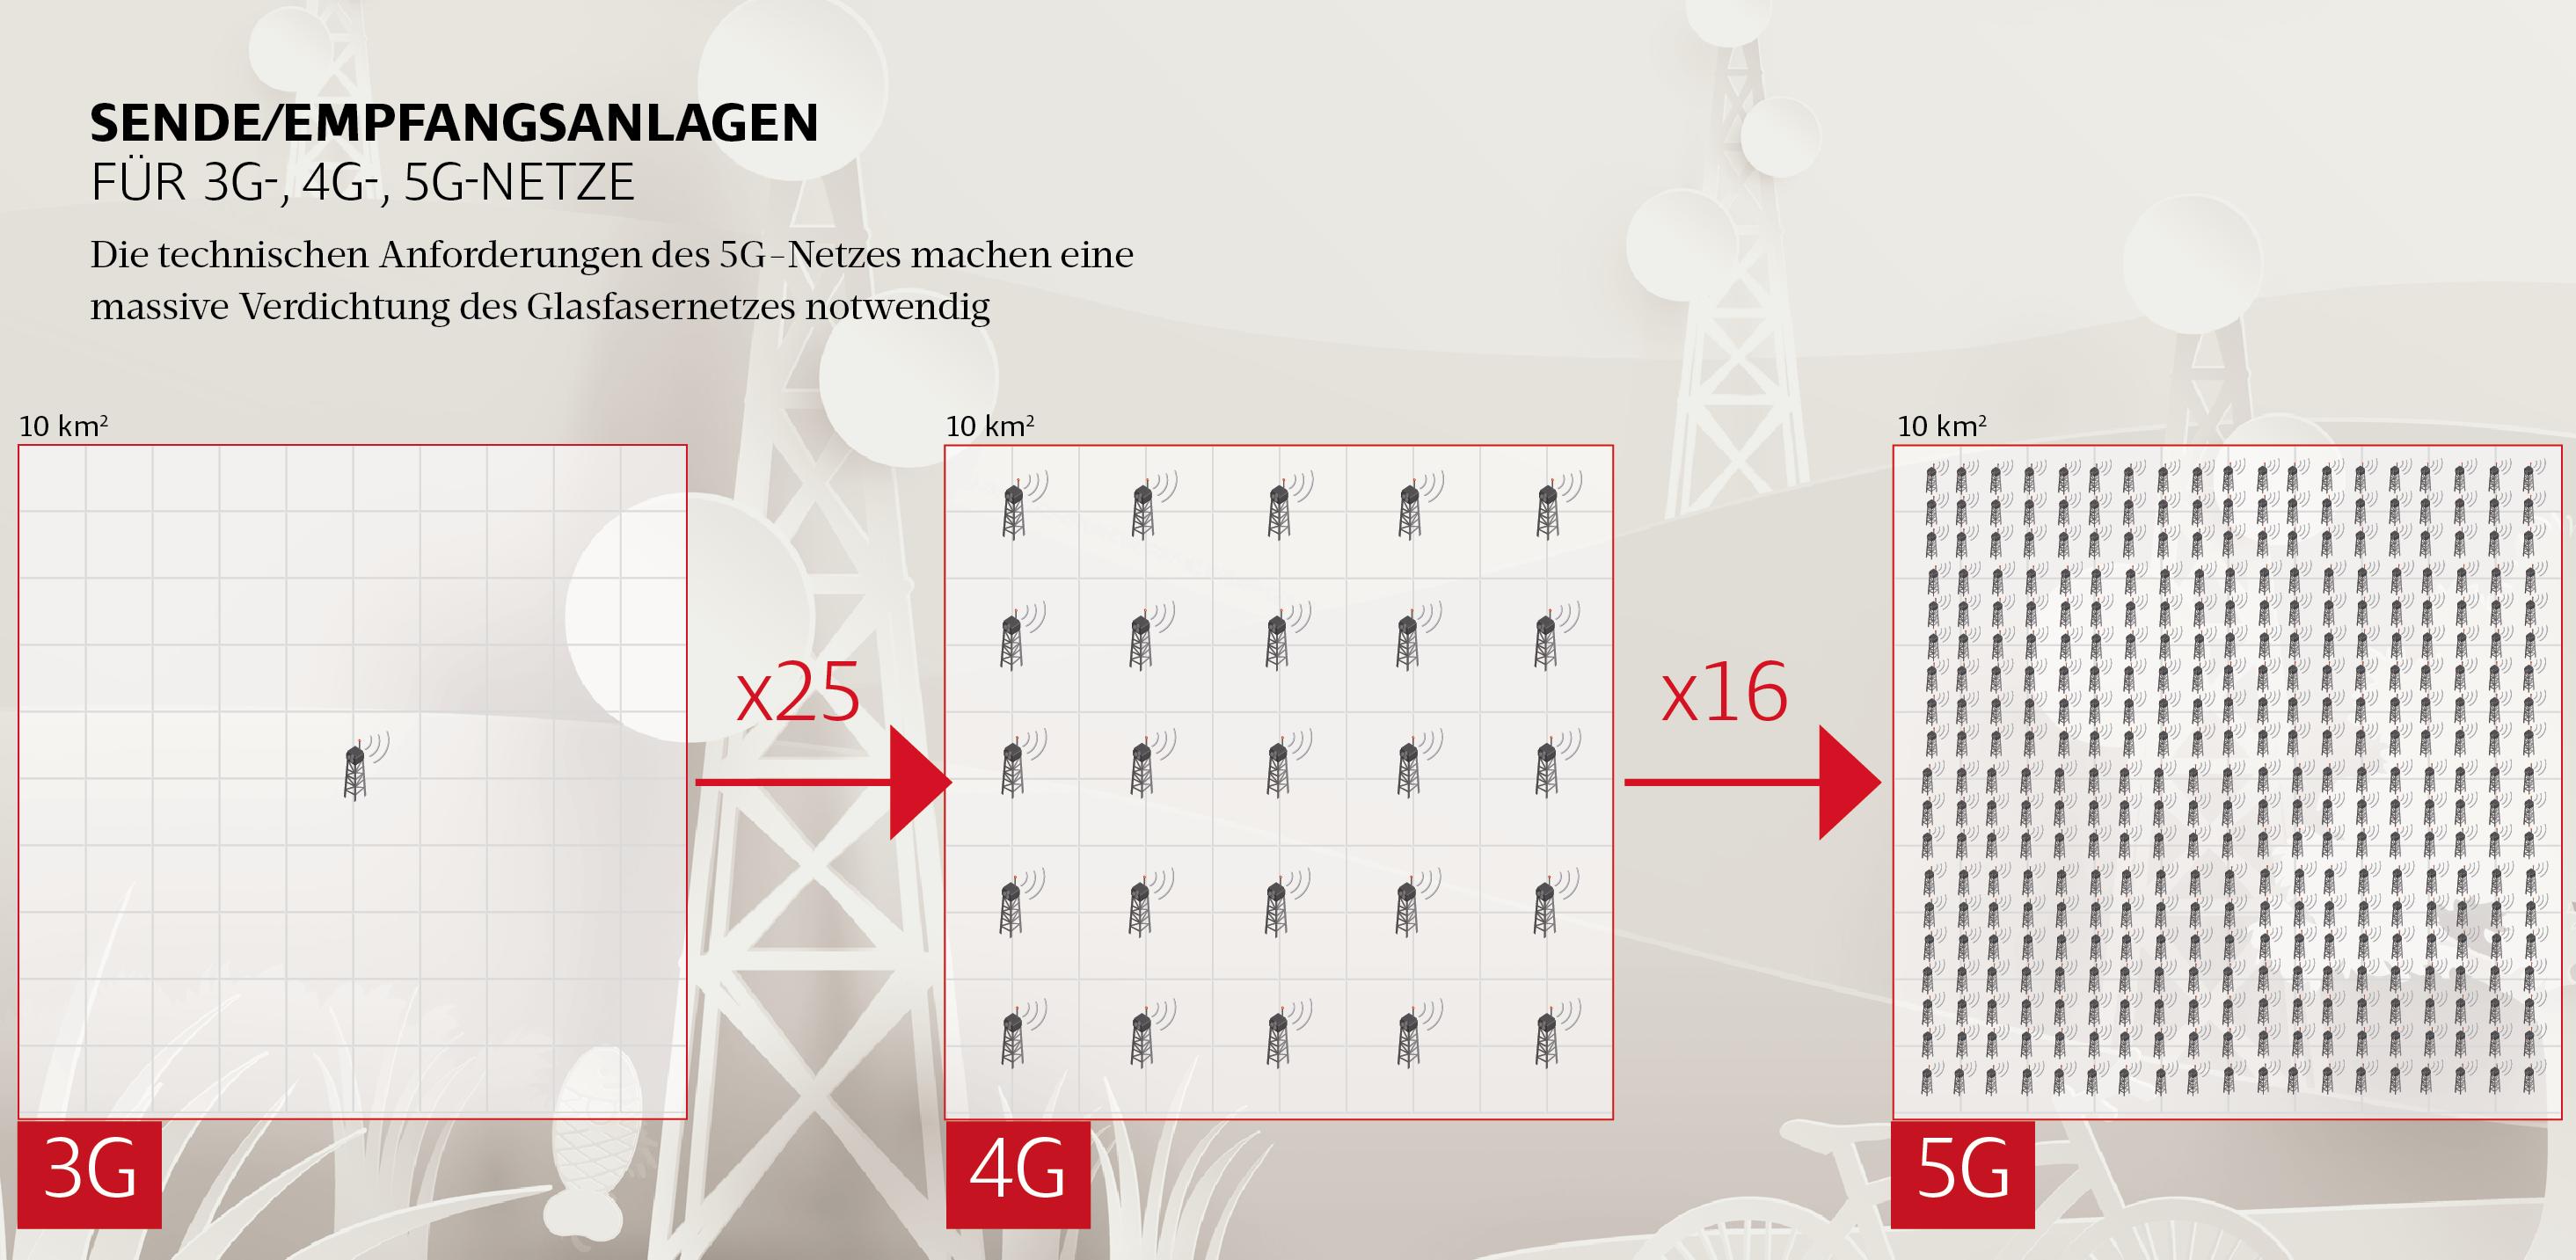 technische Voraussetzungen für 5G